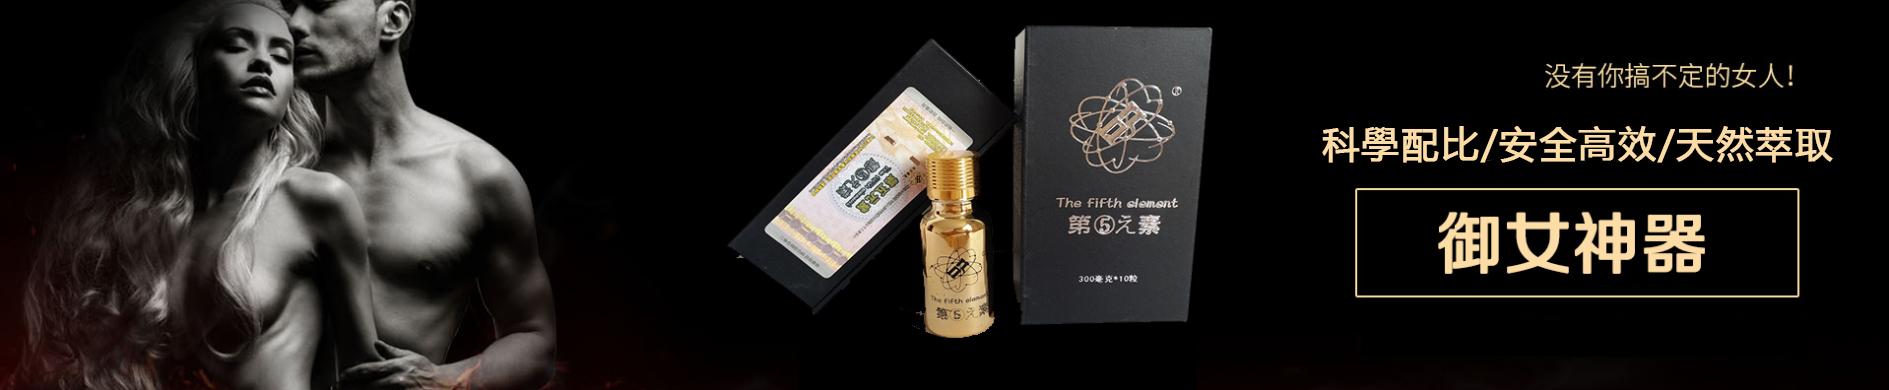 「第五元素」壯陽藥13